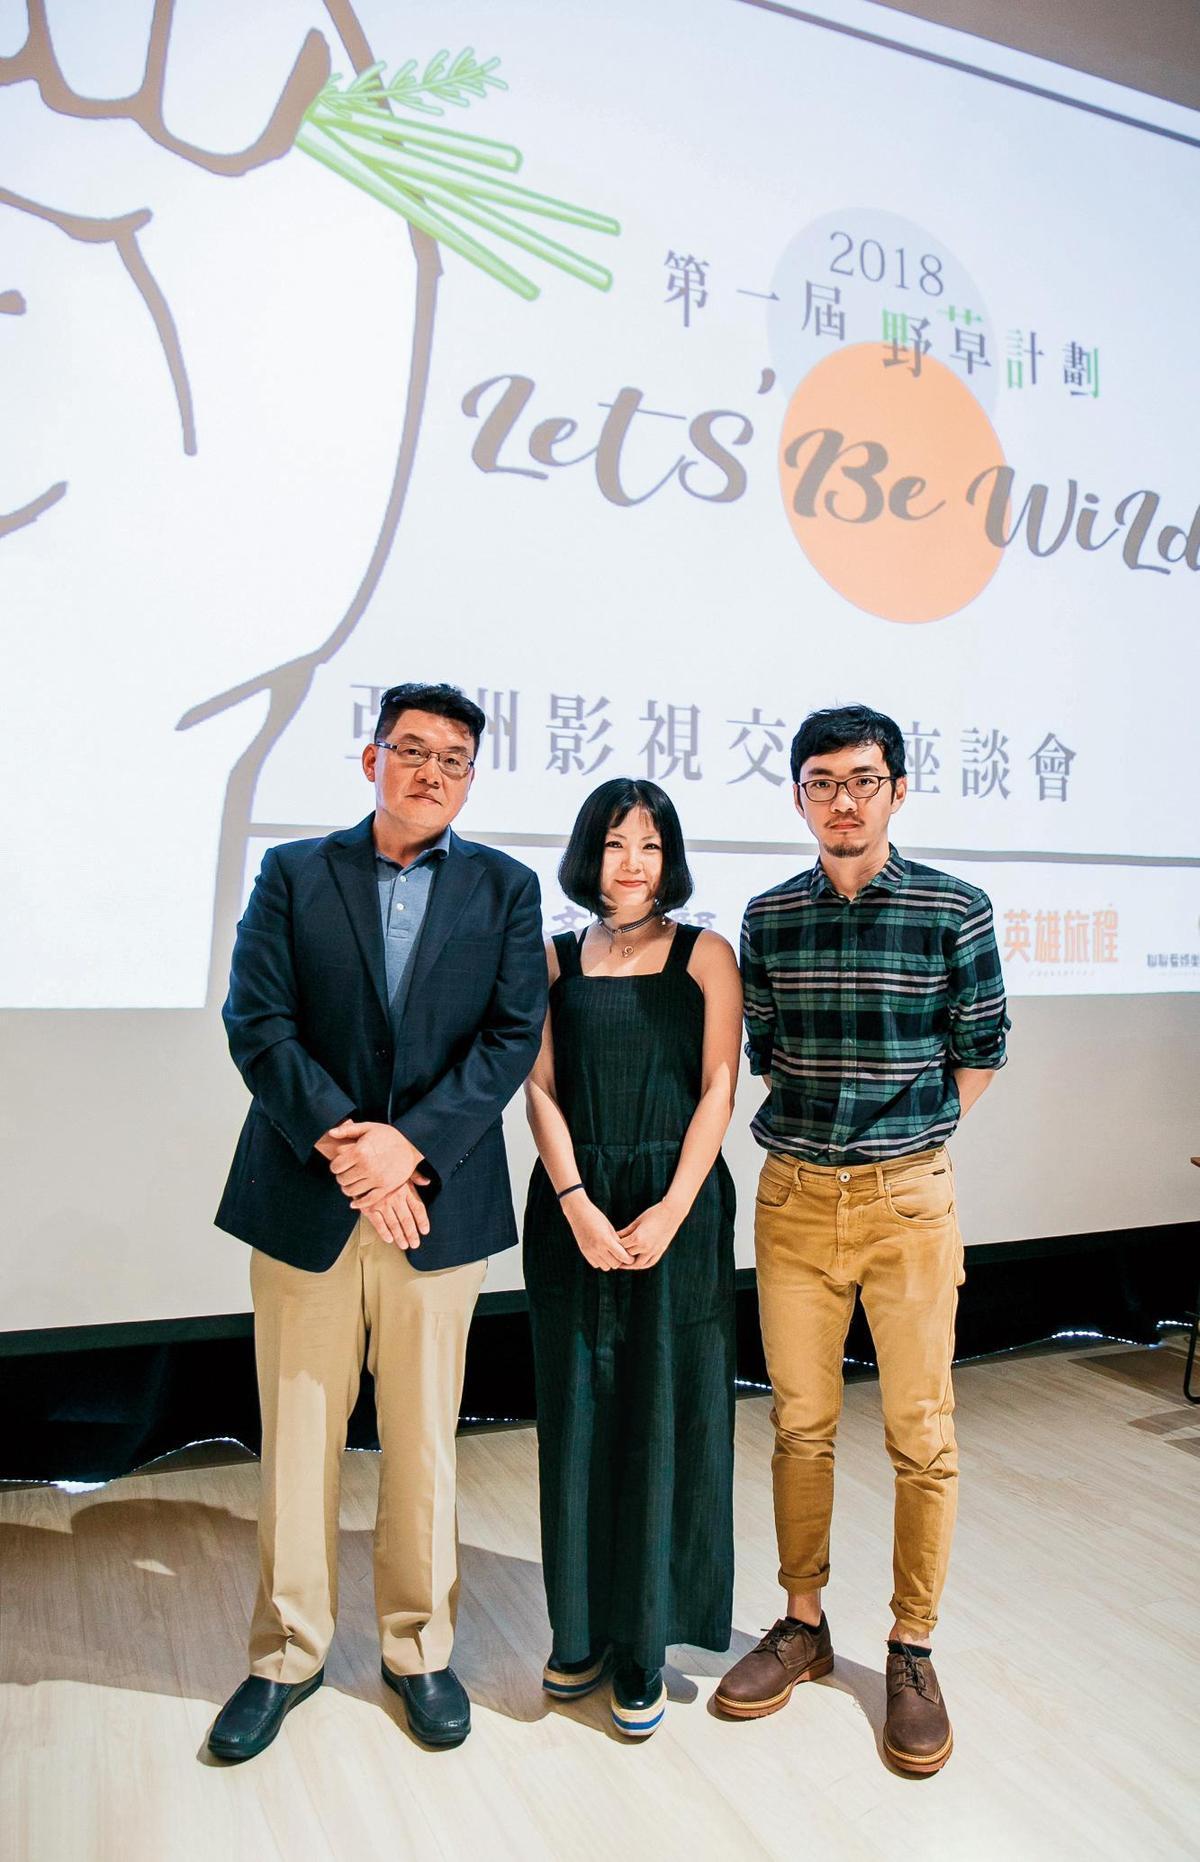 梁宇皙(左起)、中國編劇陳舒及《紅衣小女孩》導演程偉豪,受邀出席亞洲影視交流座談會,分享創作經驗。(瀚草影視提供)